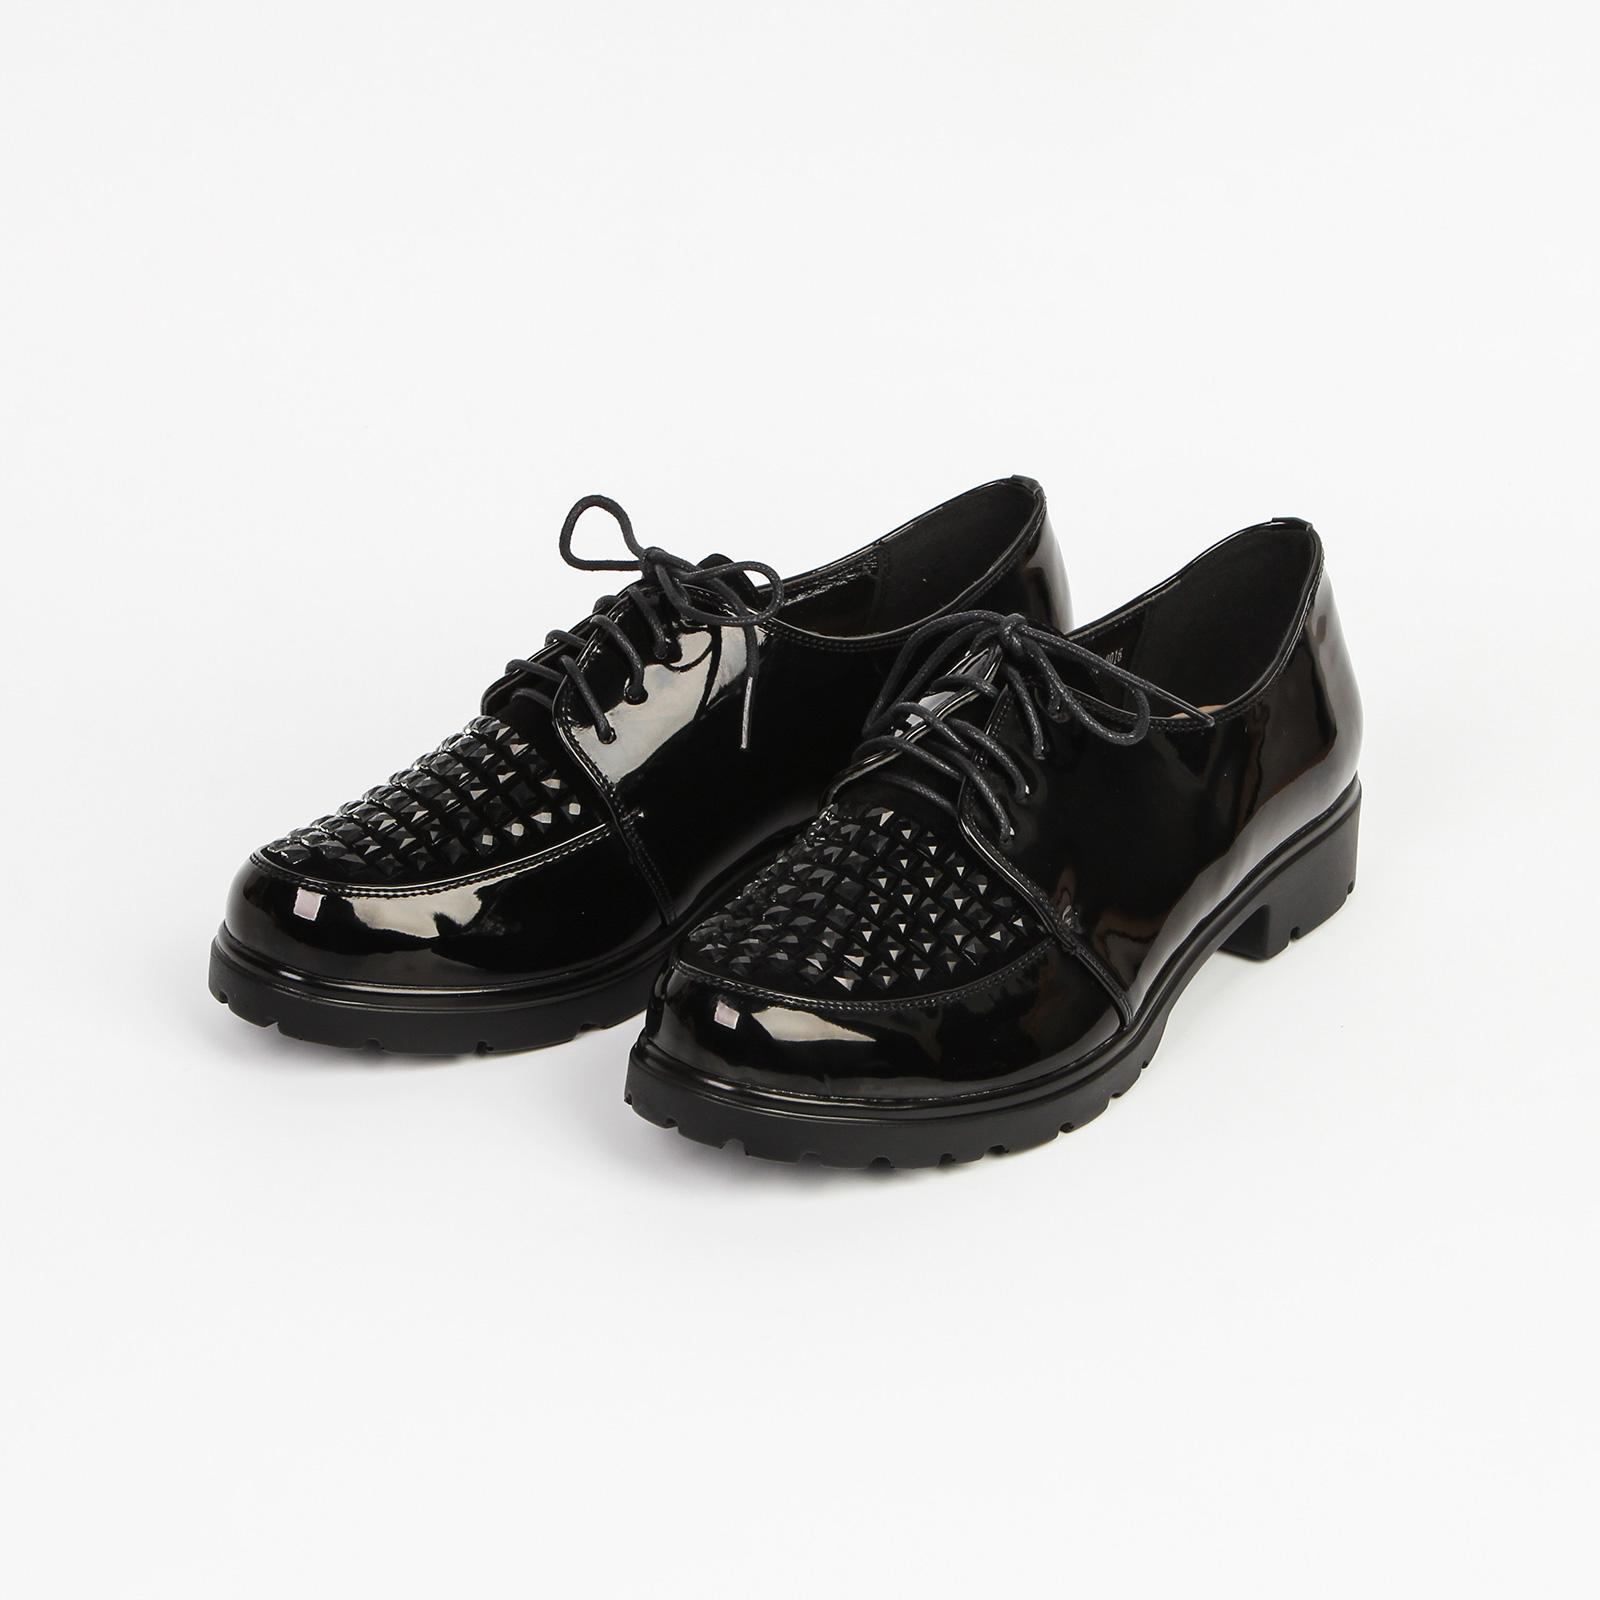 Ботинки женские декорированные на шнурках